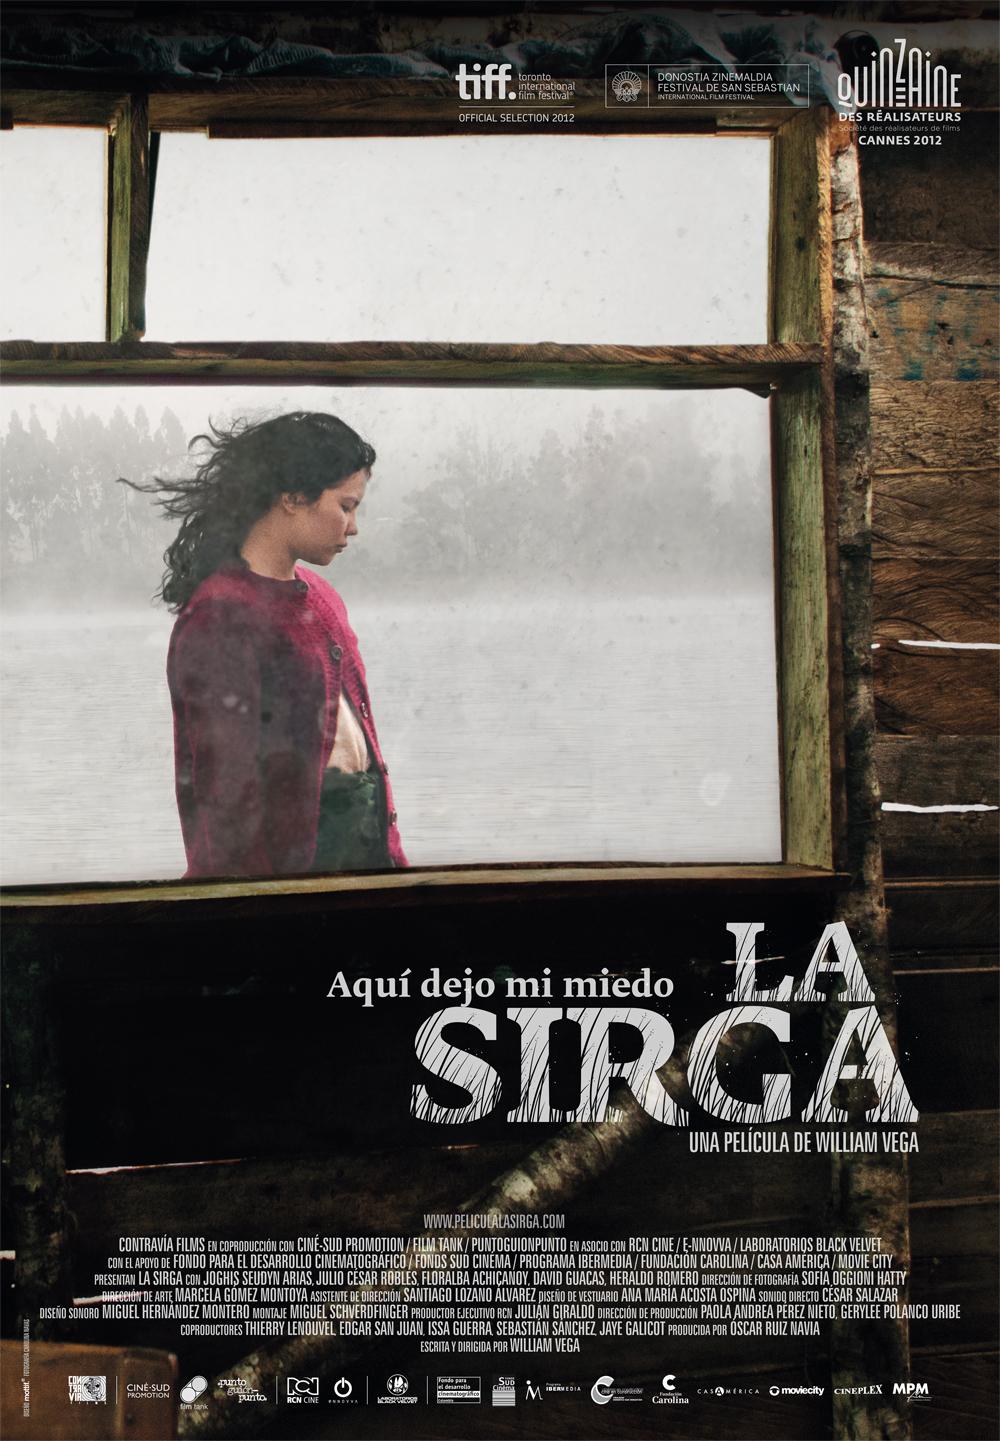 La Sirga, cine colombiano en Nicaragua.